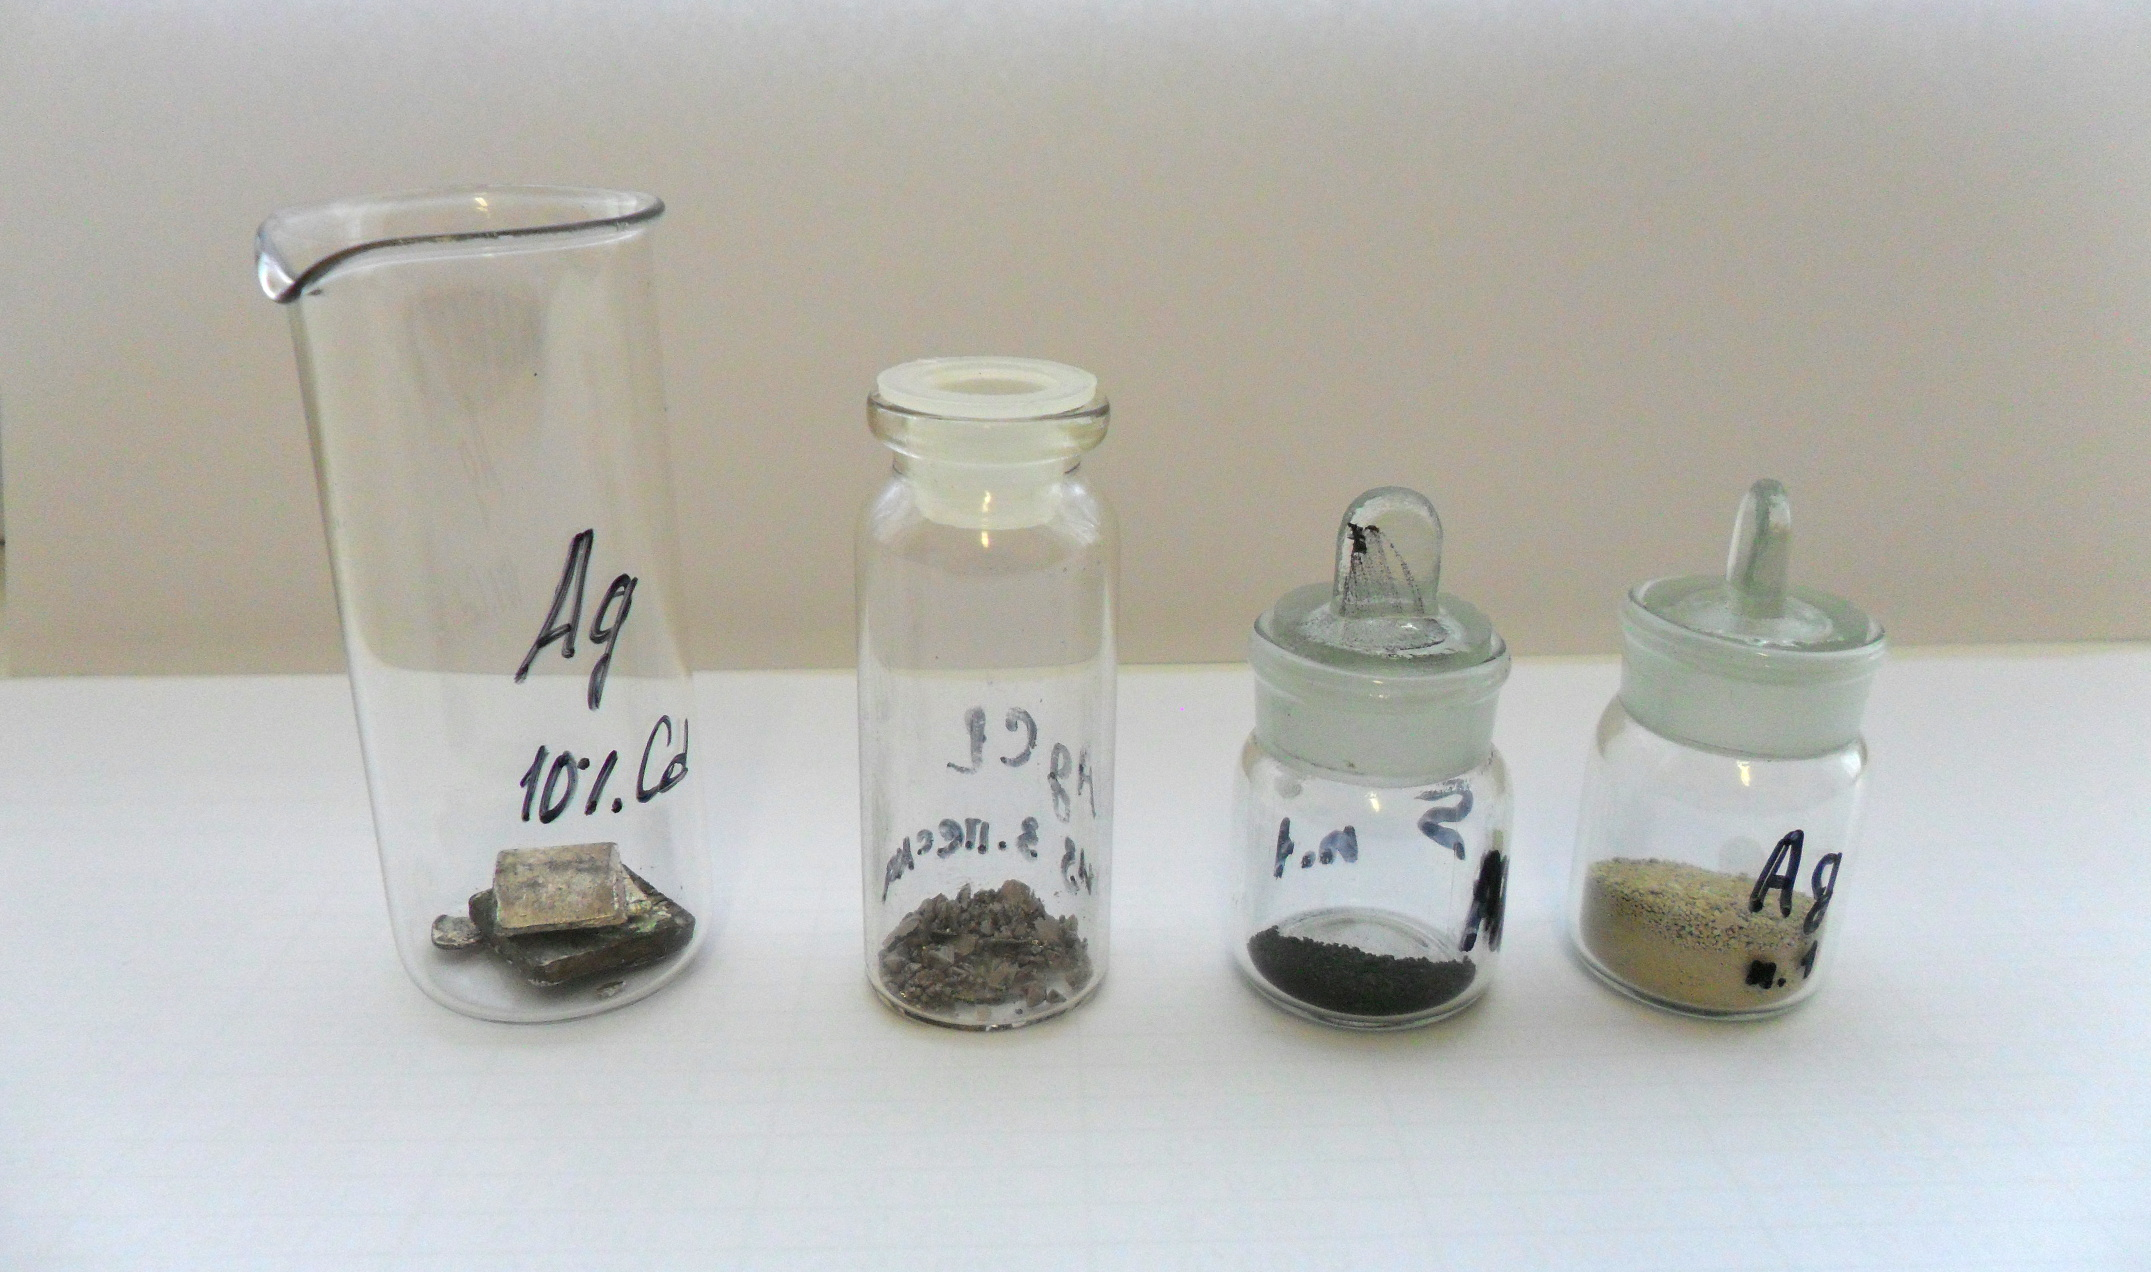 Серебро и его соединения. Слева направо: серебряные контакты реле (сплав, содержащий 10% кадмия); кристаллы хлорида серебра, выросшие из аммиачного раствора (металлический блеск из-за восстановленного на поверхности под действием света серебра); сульфид серебра; серебро, восстановленное из хлорида цинком